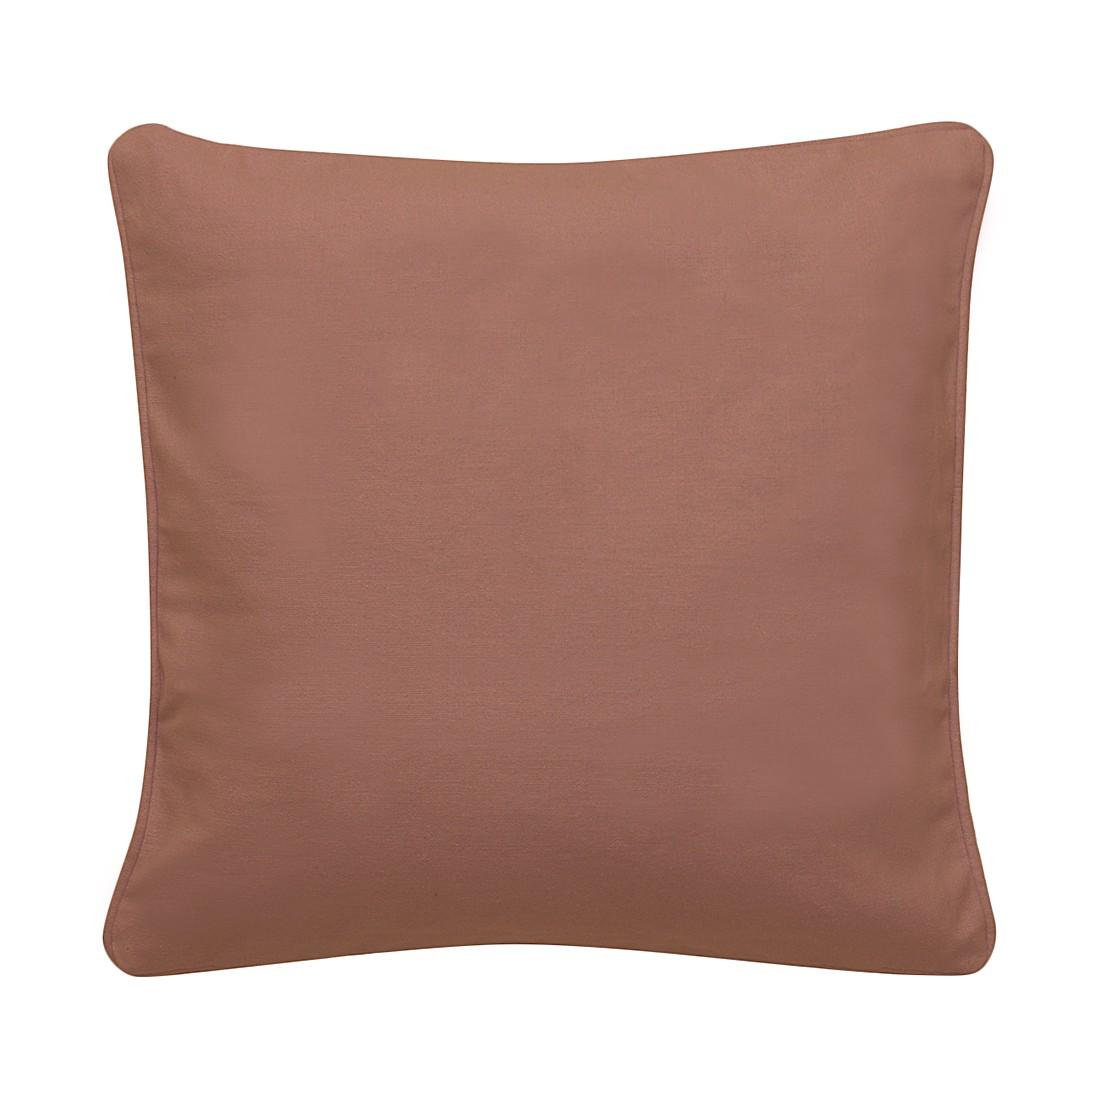 Kissen Alba – 50 X 50 cm, Lila, Baumwolle Typ 3 – Kissenhülle, ohne Füllung, Dutch Decor kaufen